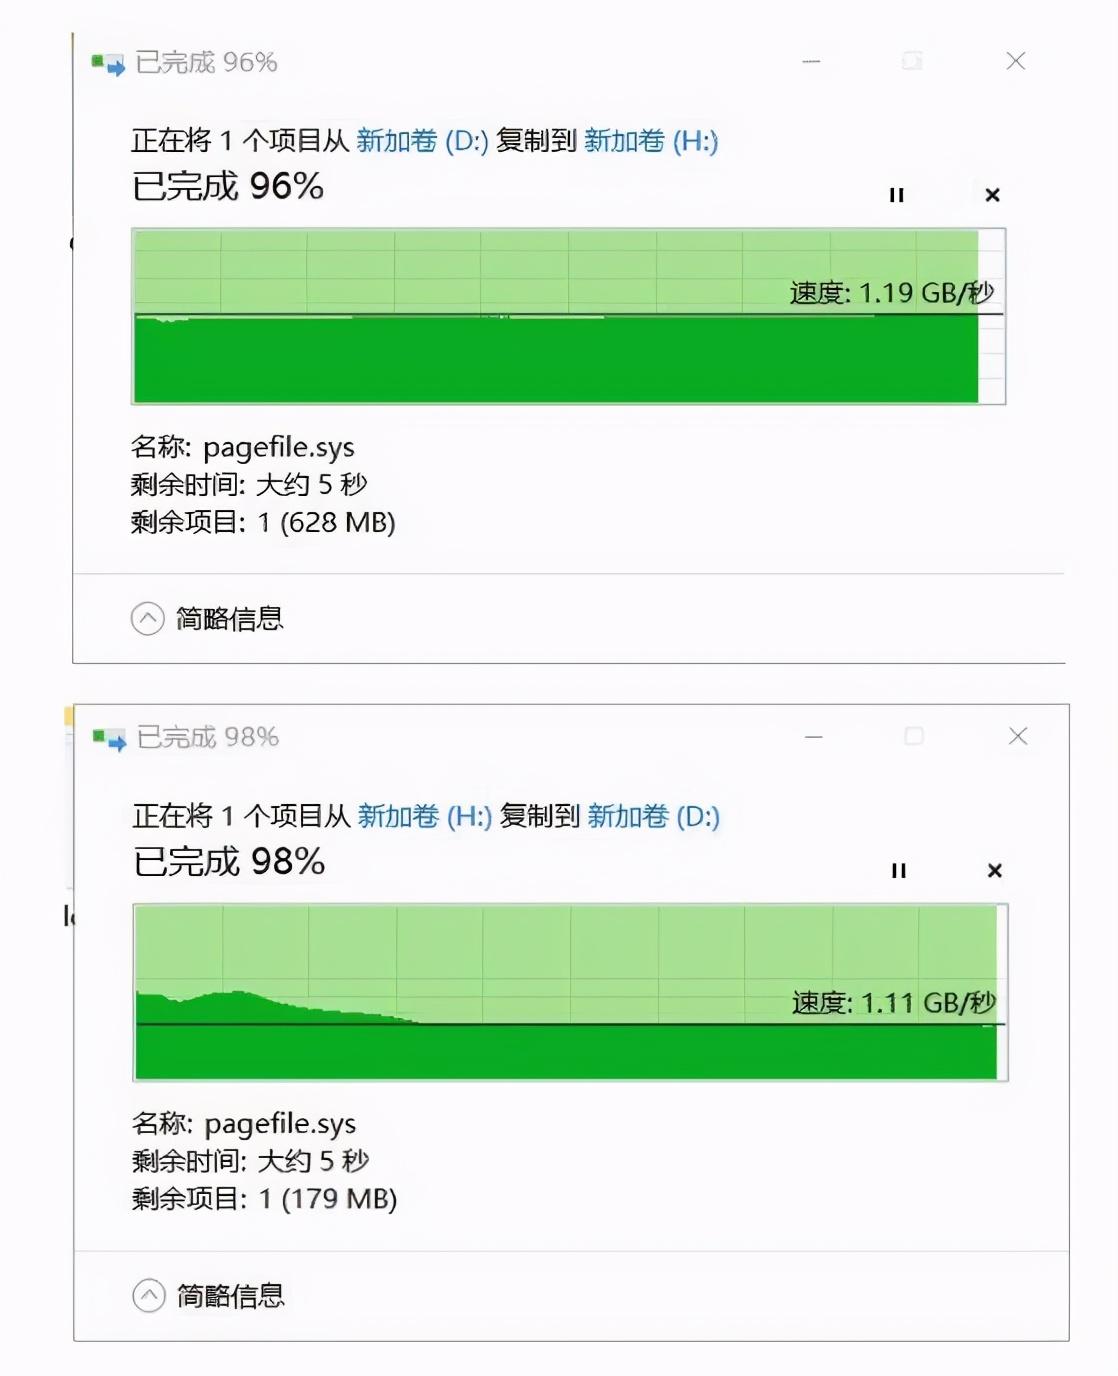 晶圆短缺,内存和SSD涨价25%,这几个还是平价买不买?